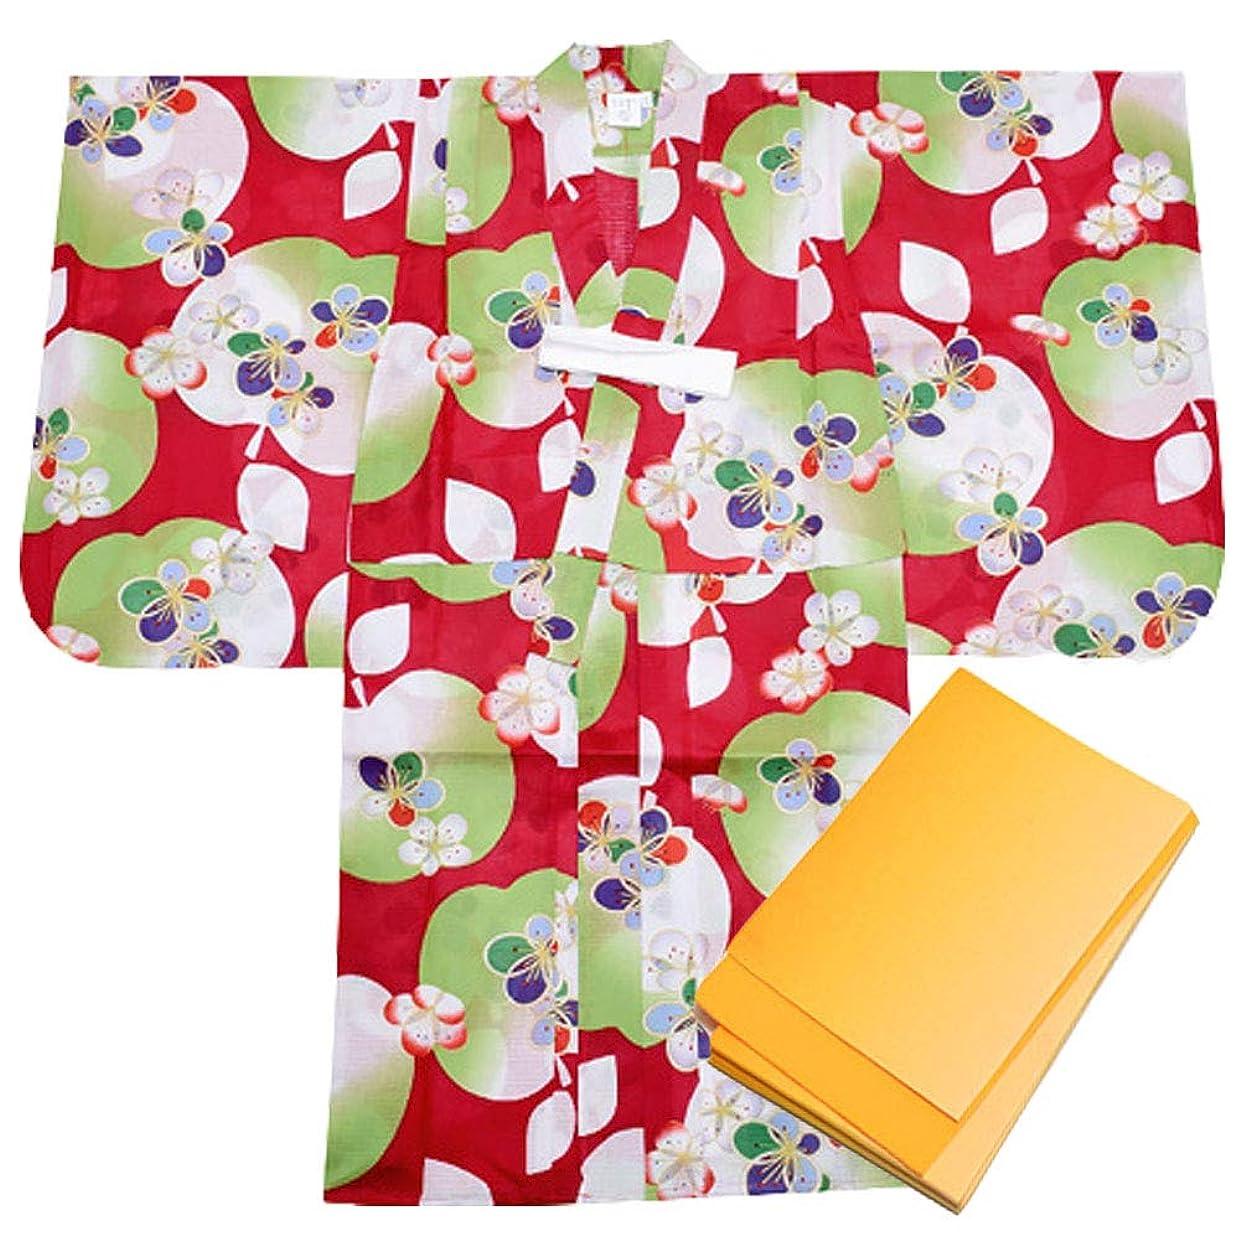 広大な立方体安価な浴衣 子供 セット キッズ ベビー ドレス サンドレス セパレート 花柄 帯セット Pinky Flash 桜紫 80cm 3357090607PU80